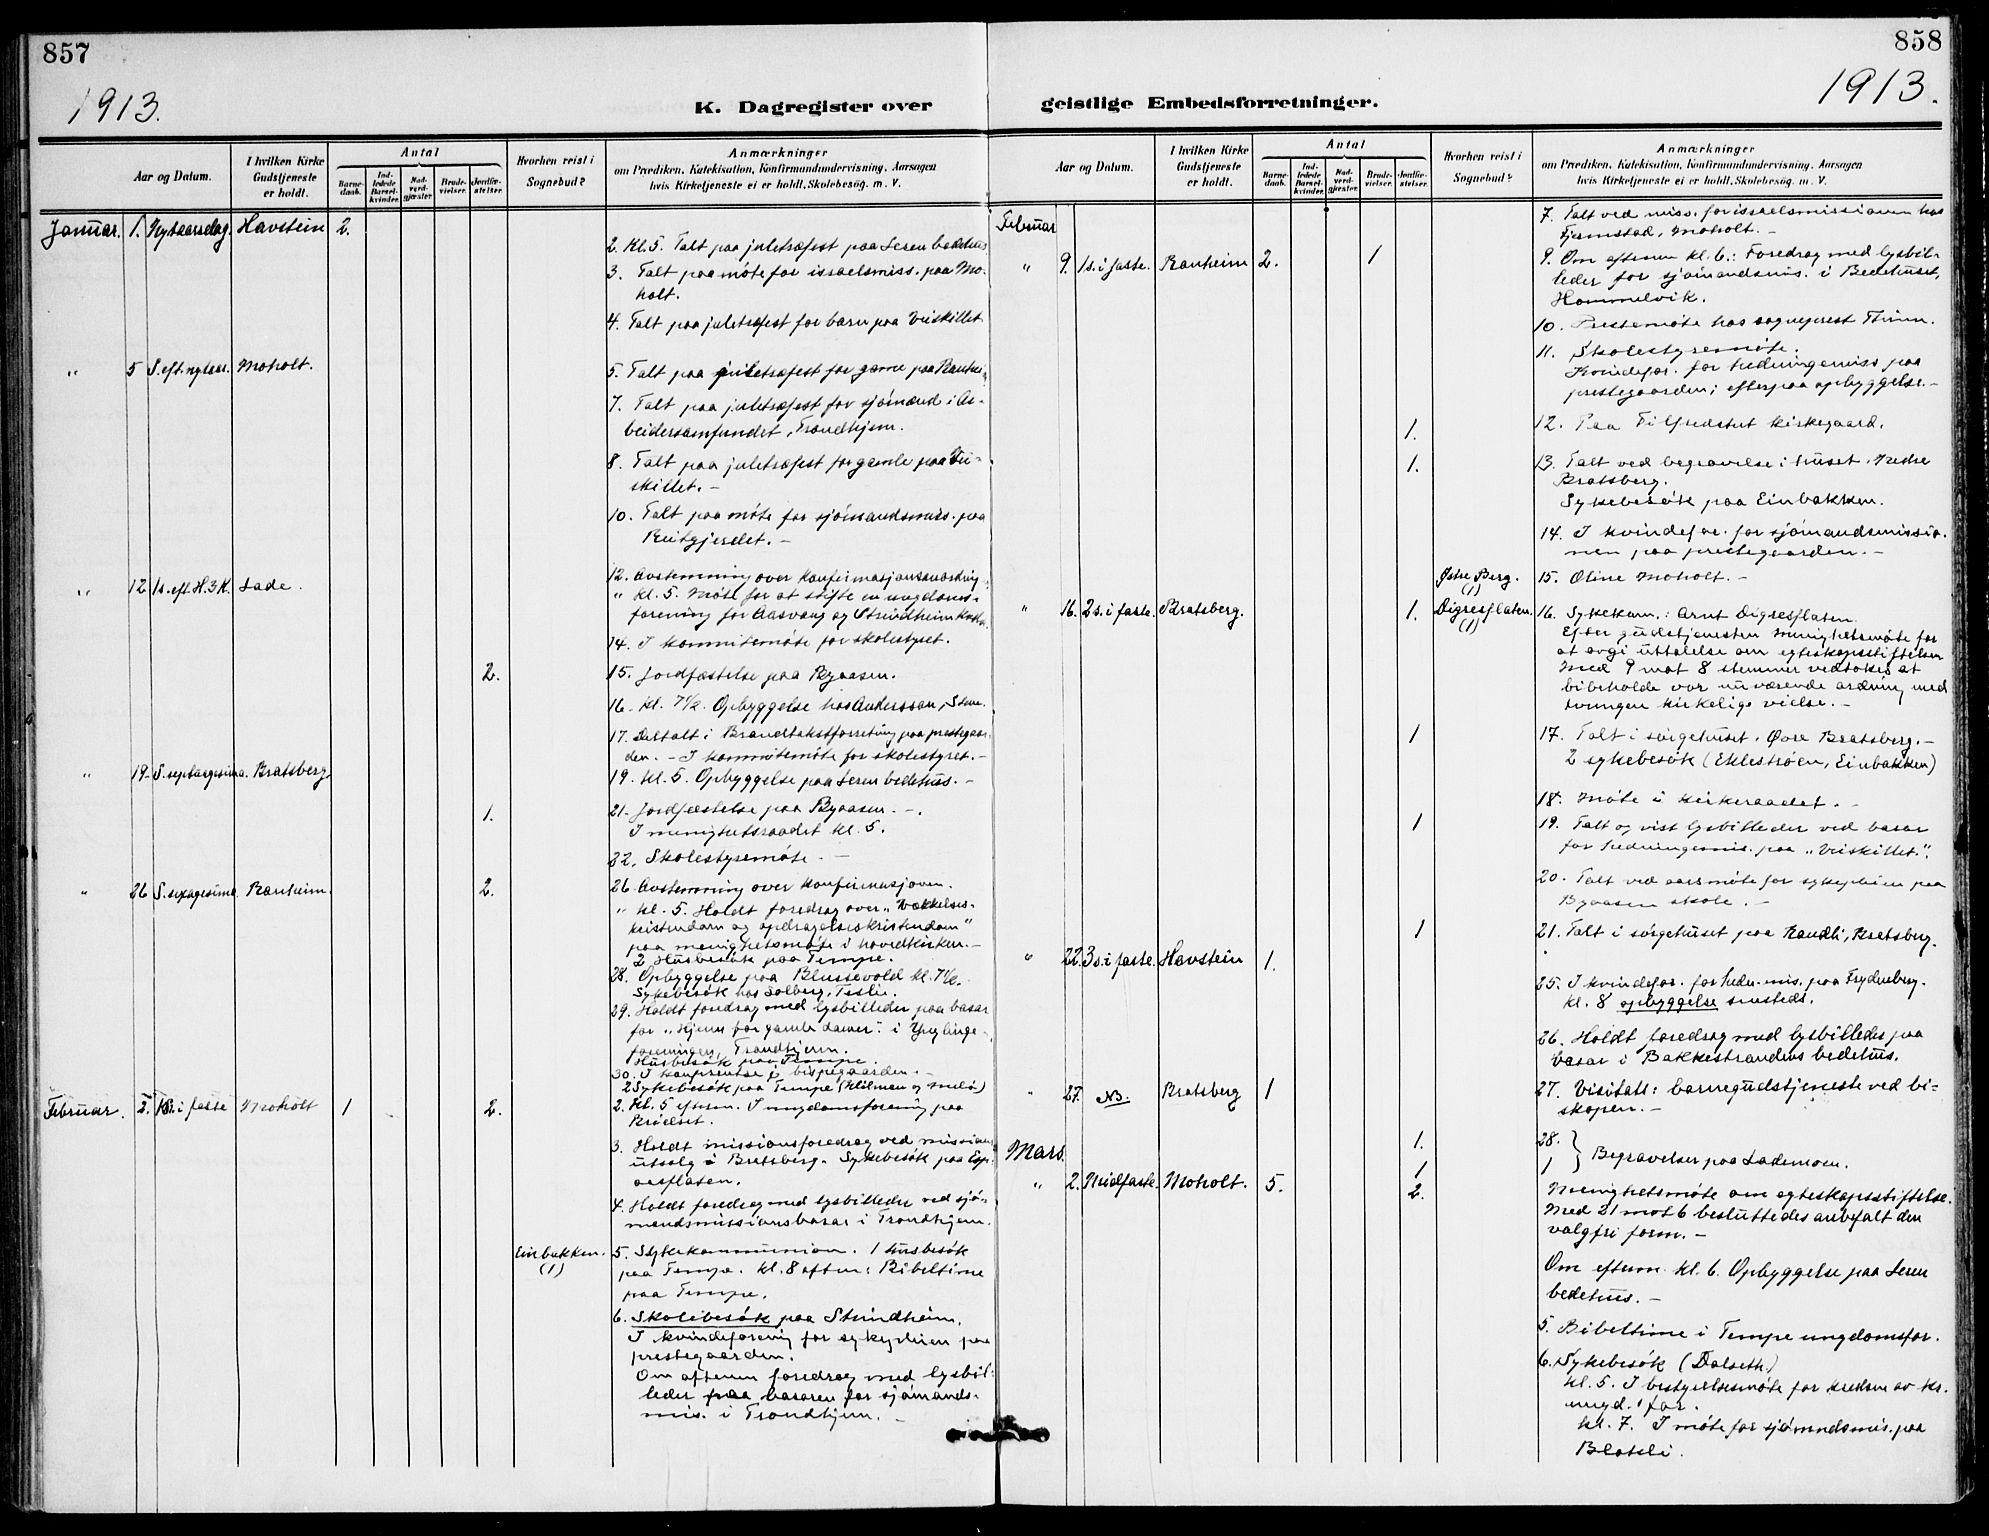 SAT, Ministerialprotokoller, klokkerbøker og fødselsregistre - Sør-Trøndelag, 607/L0320: Ministerialbok nr. 607A04, 1907-1915, s. 857-858